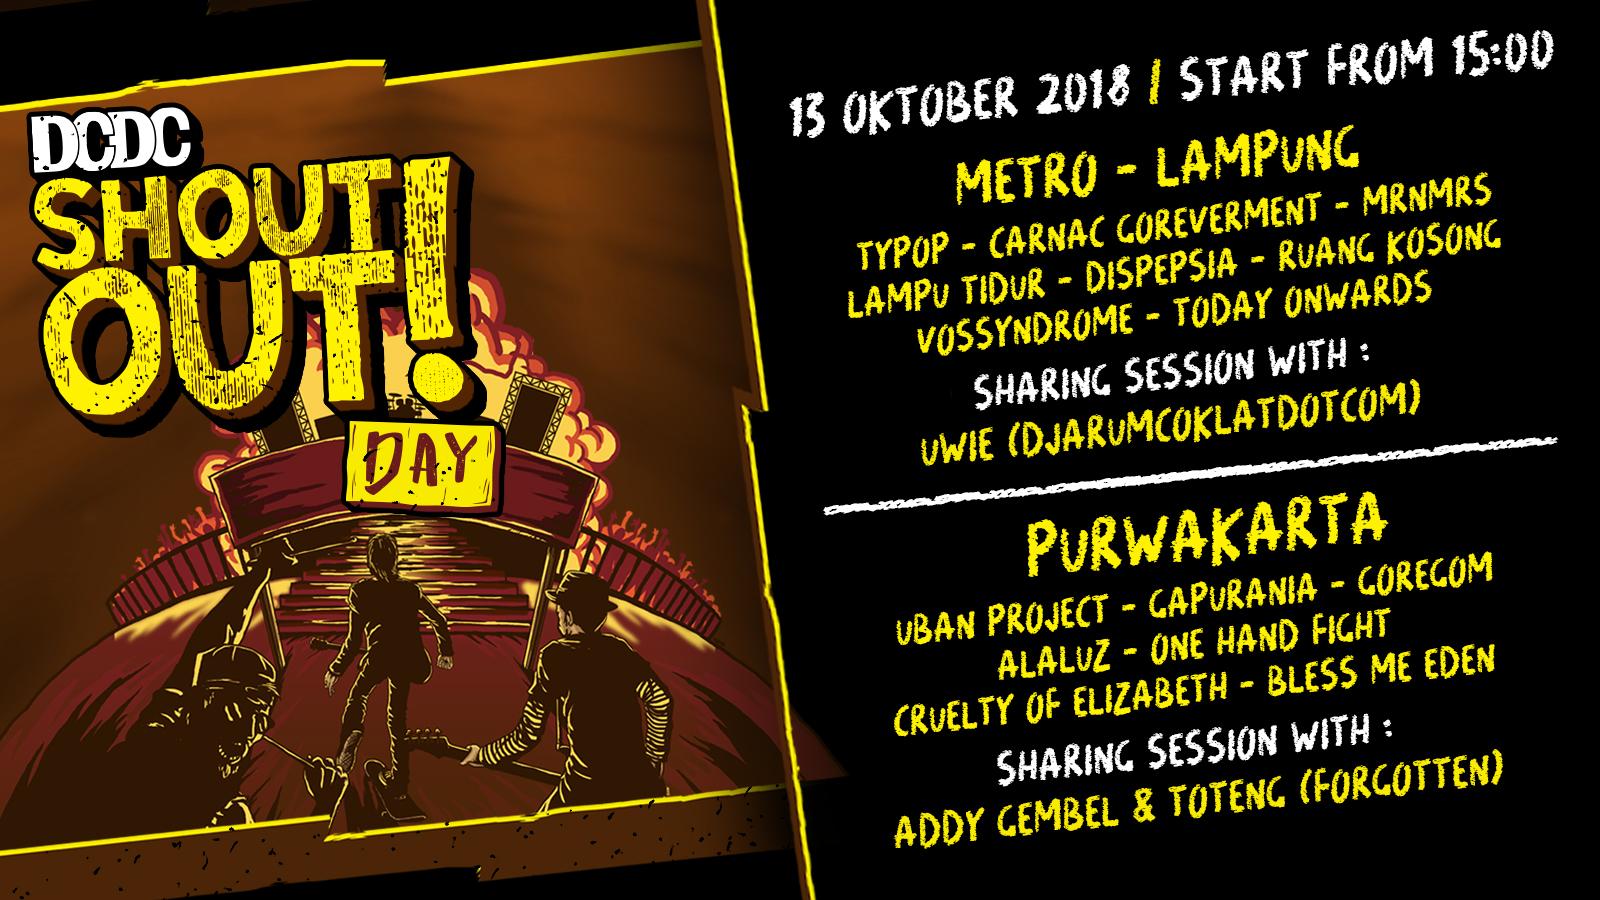 Metro dan Purwakarta, Bersiap untuk DCDC ShoutOut! Day!